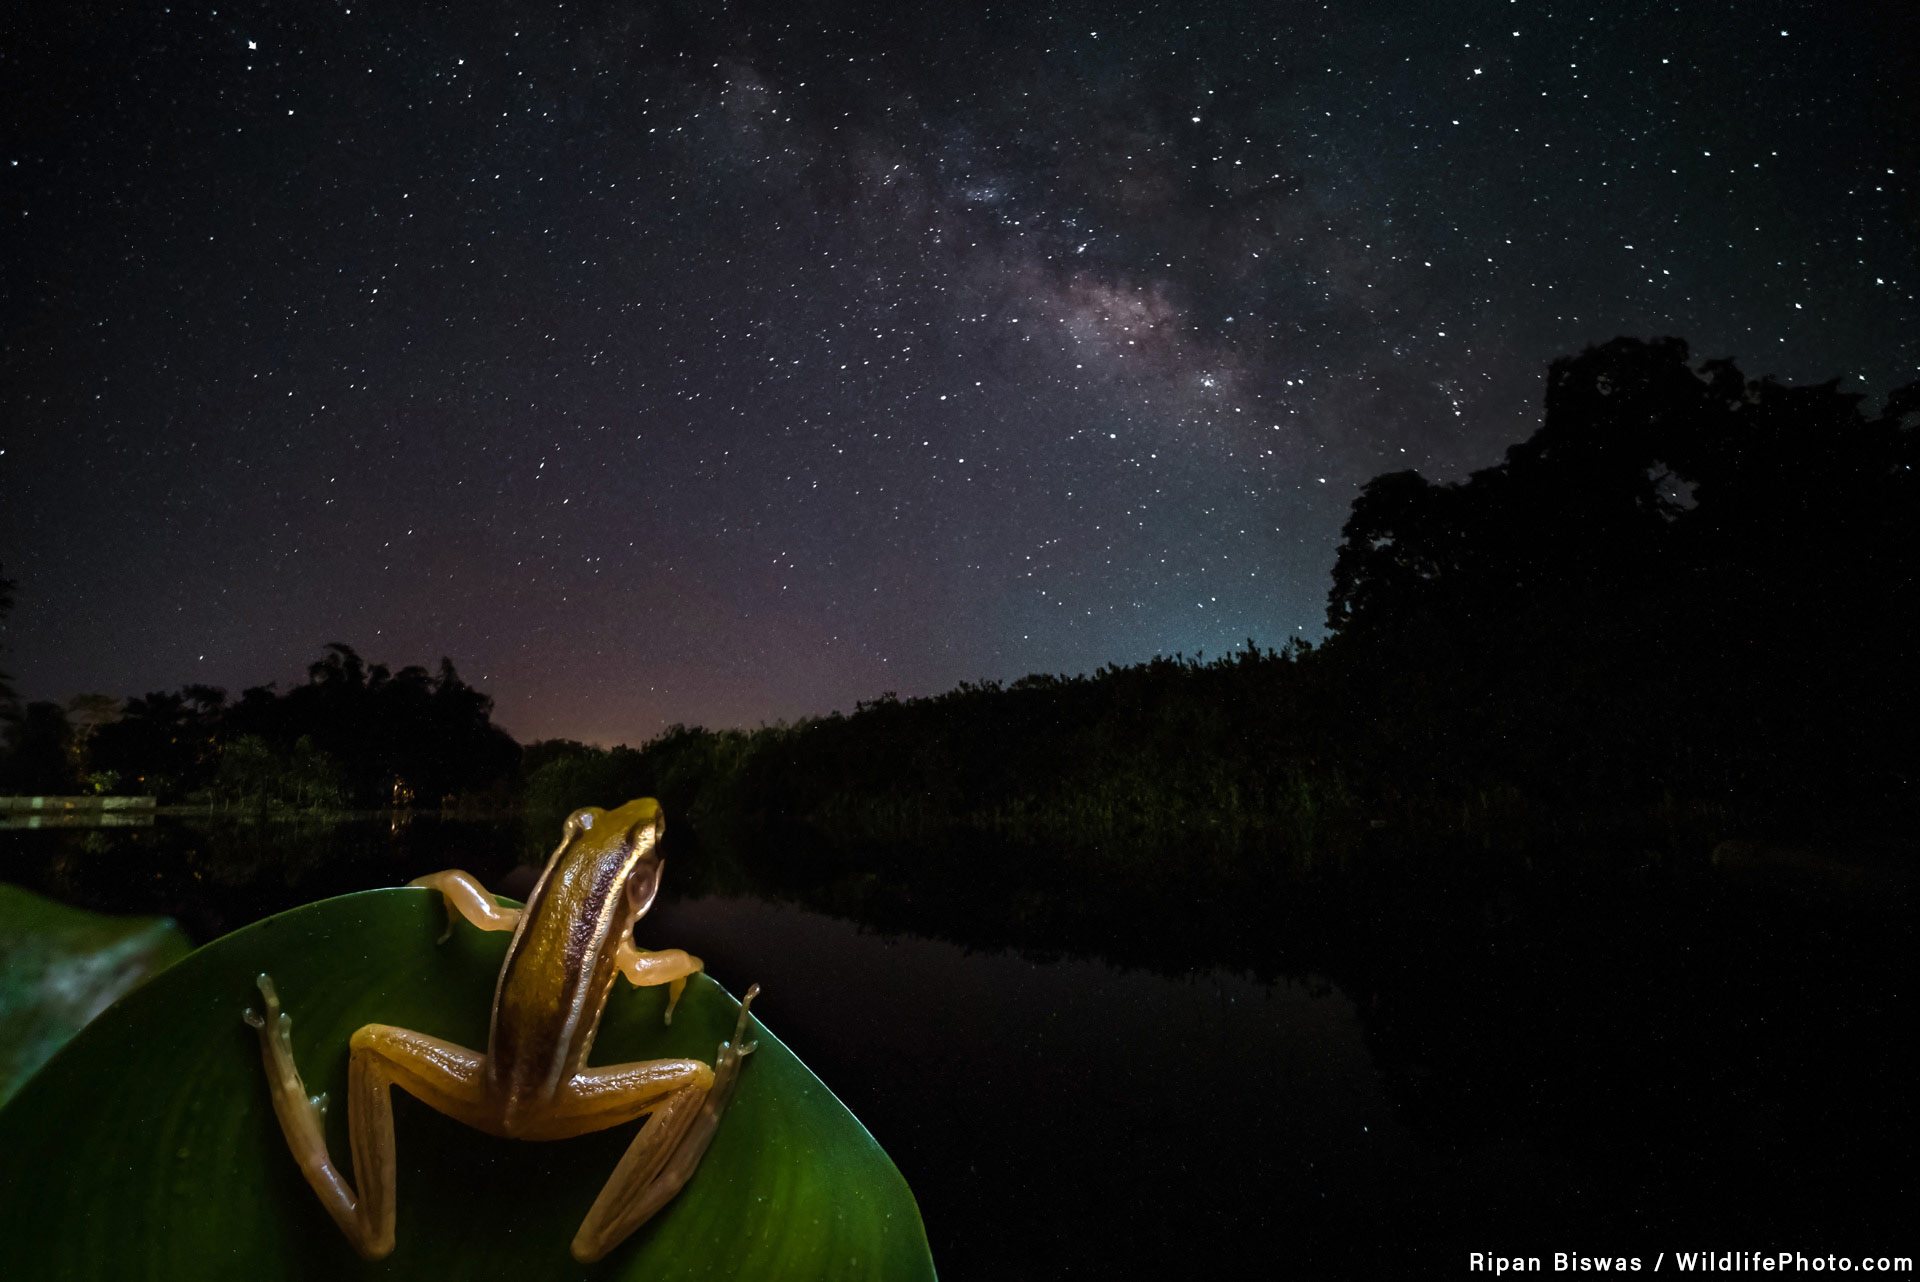 Путеводитель по галактике, © Рипан Бисвас, Фотоконкурс «Портреты дикой природы»